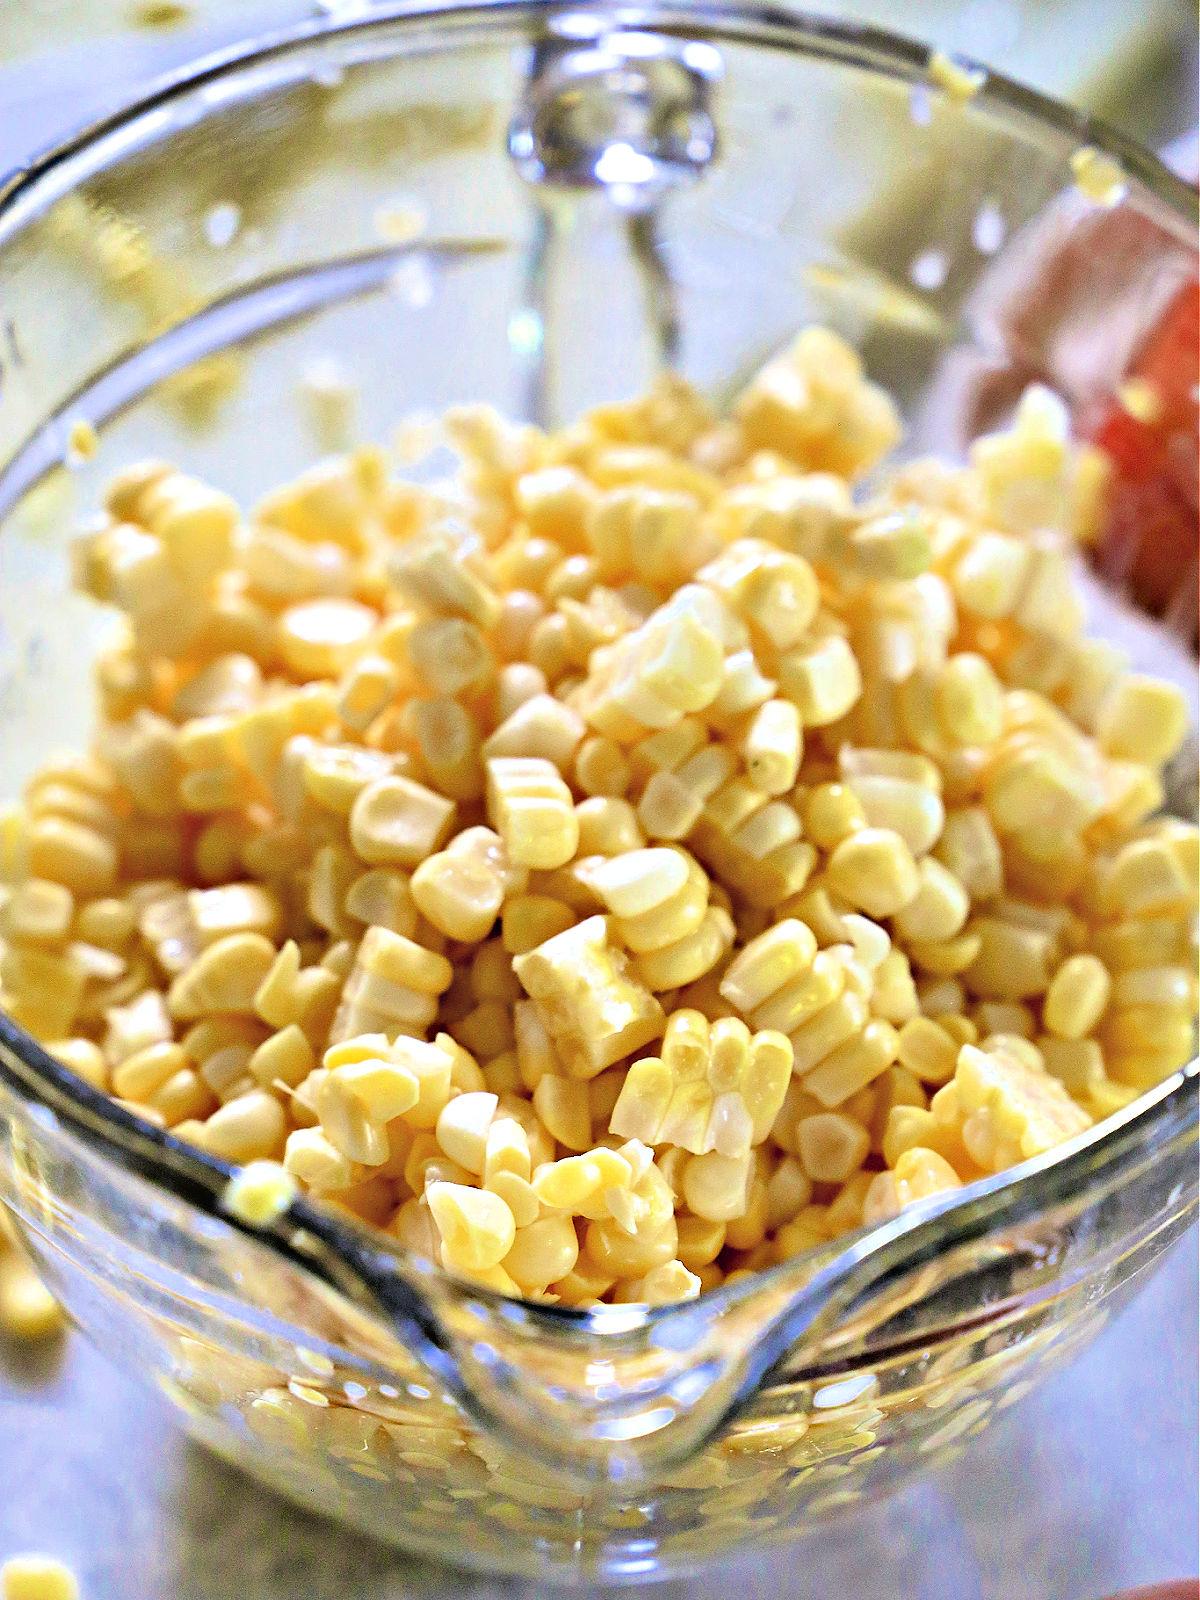 bowl of corn cut off of a cob